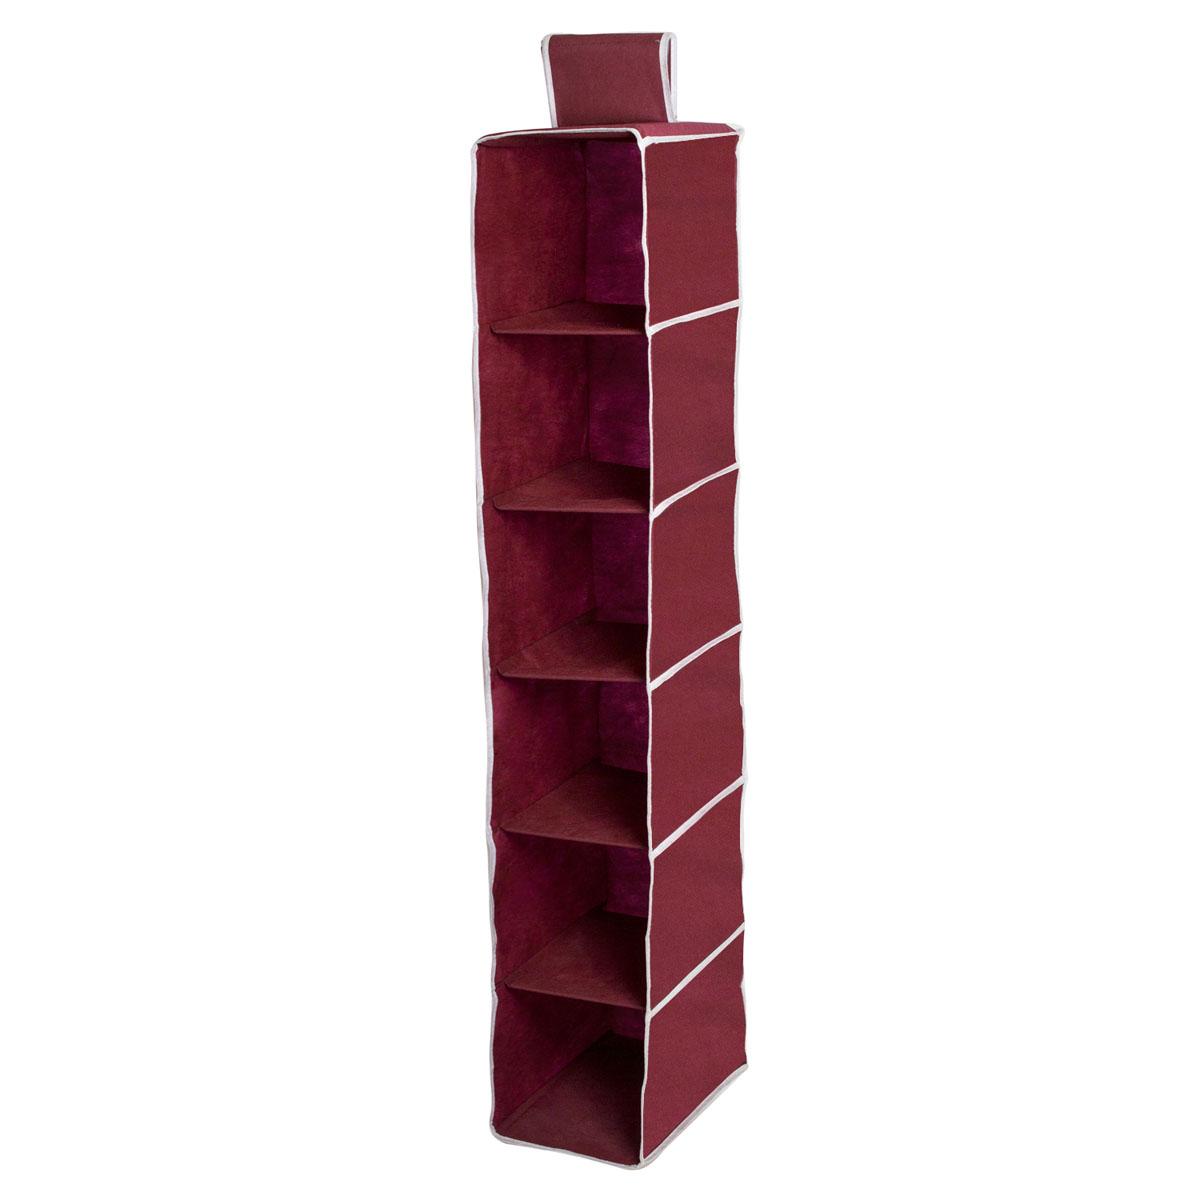 Органайзер подвесной Homsu Red Rose, 6 полок, 30 х 20 х 120 см74-0120Подвесной органайзер Homsu Red Rose выполнен из прочного полиэстера - материала, который отличается прочностью, водоотталкивающими свойствами и практичностью. Изделие имеет 6 полок для хранения различных предметов, в том числе одежды, детских игрушек. Органайзер подвешивается к карнизу, рейлингу, стальным трубам и крепежам с помощью специальной петли. Размер полки: 30 х 20 см.